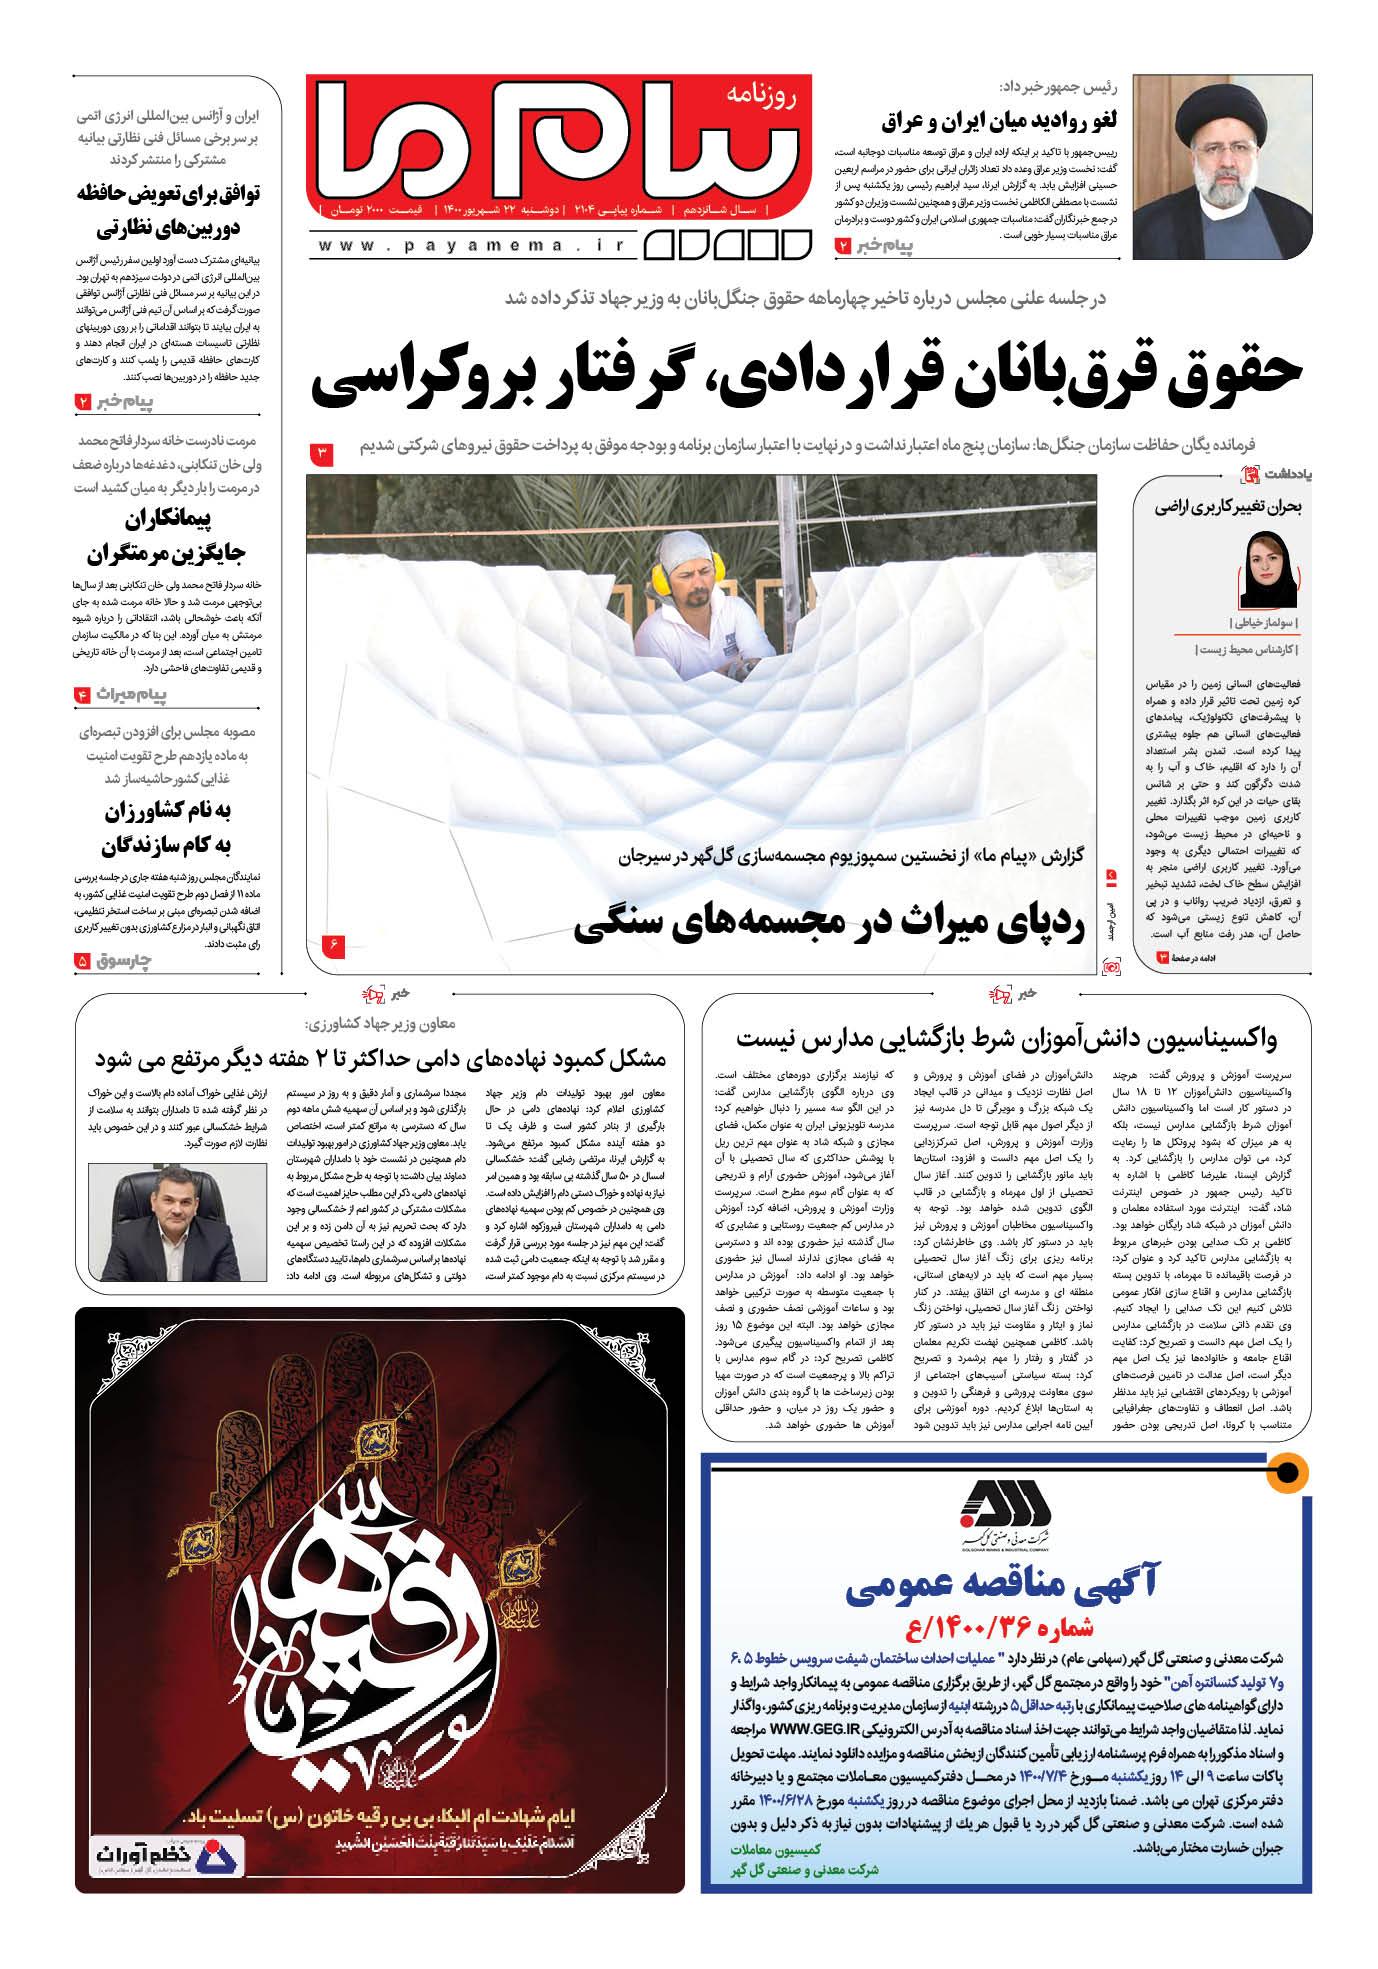 صفحه اول شماره 2104 روزنامه پیام ما